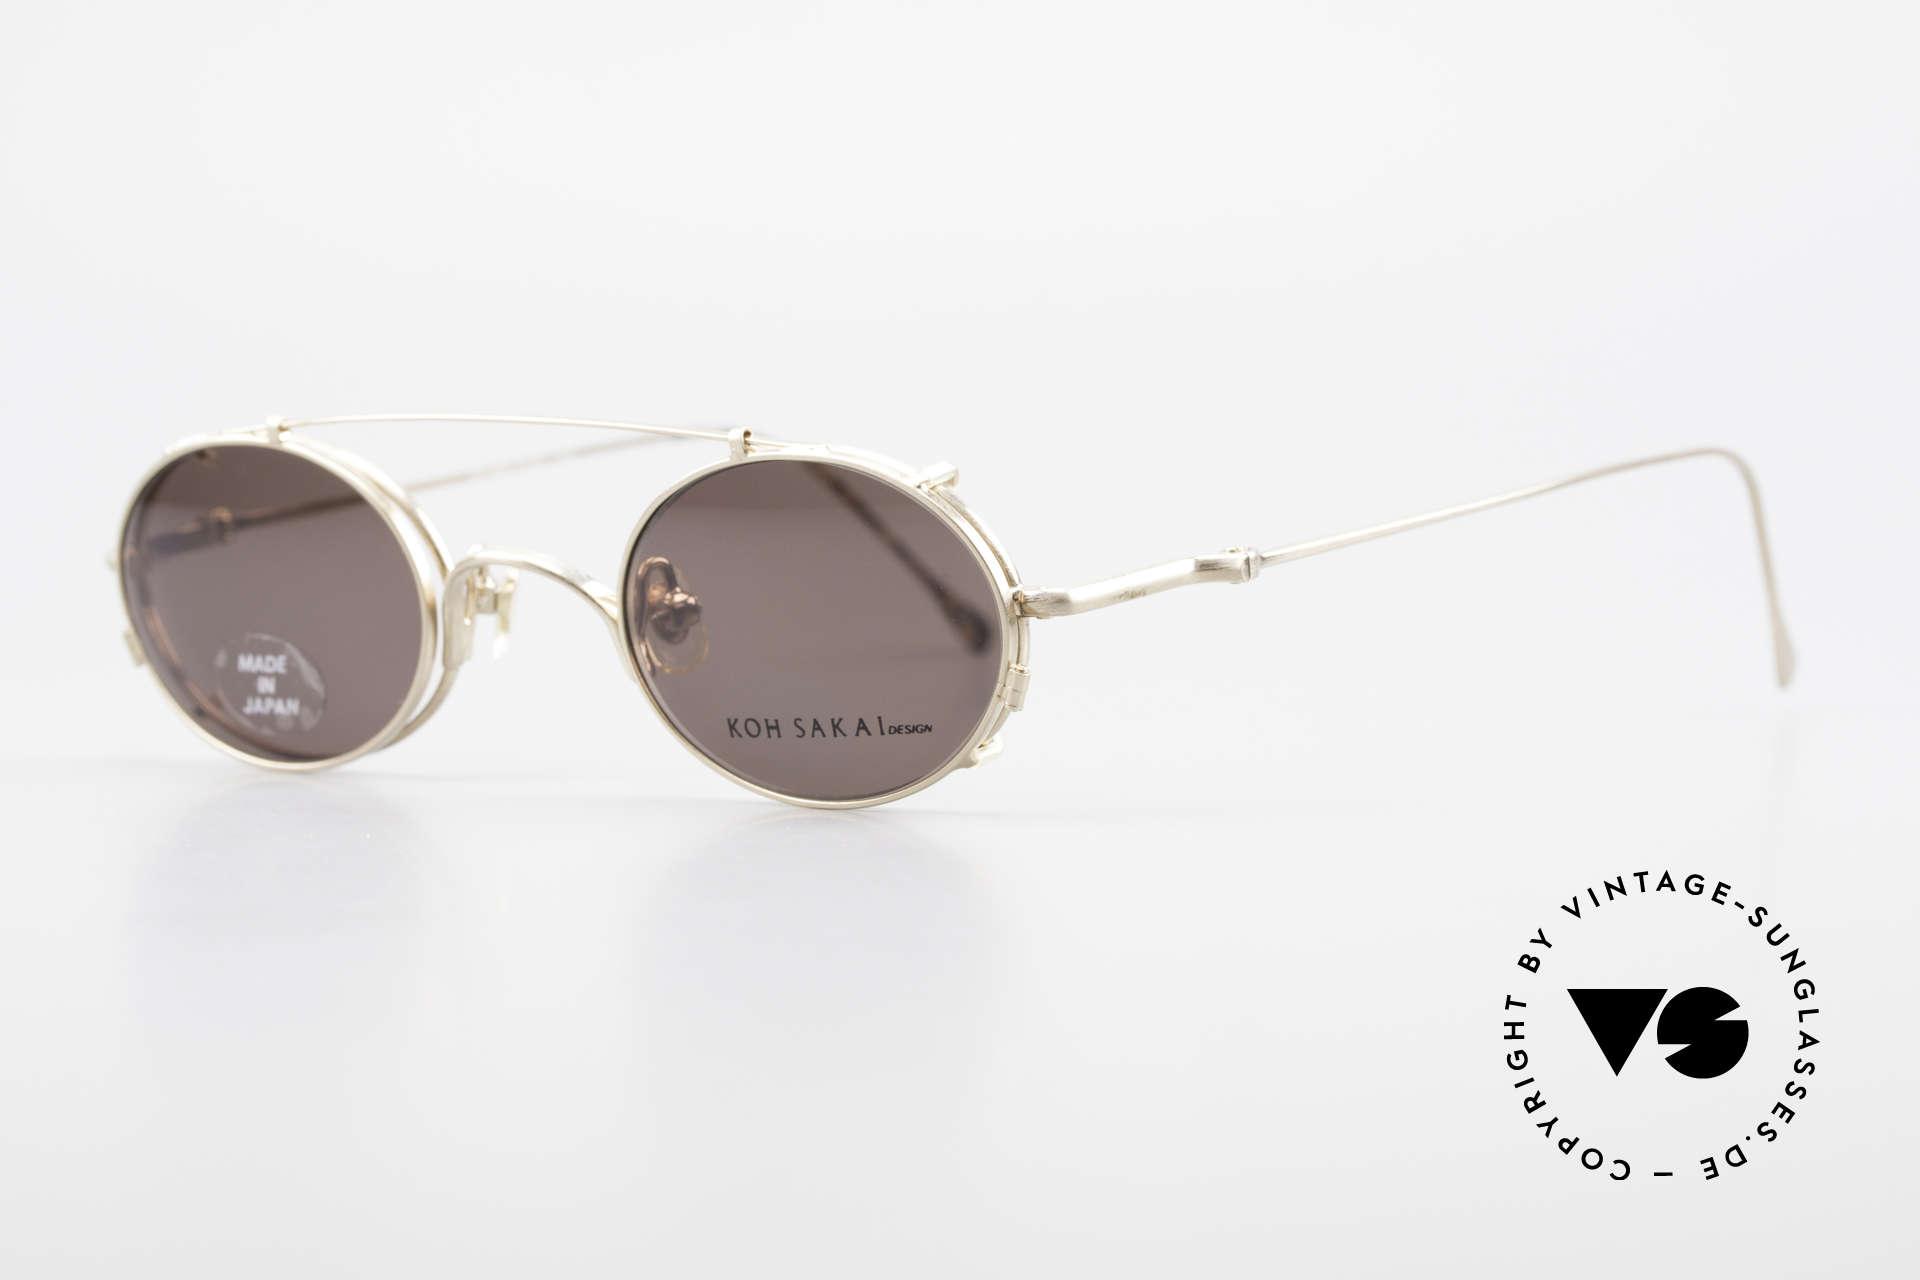 Koh Sakai KS9541 Ovale Brille Made in Japan 90er, in Los Angeles designed & in Sabae (Japan) produziert, Passend für Herren und Damen